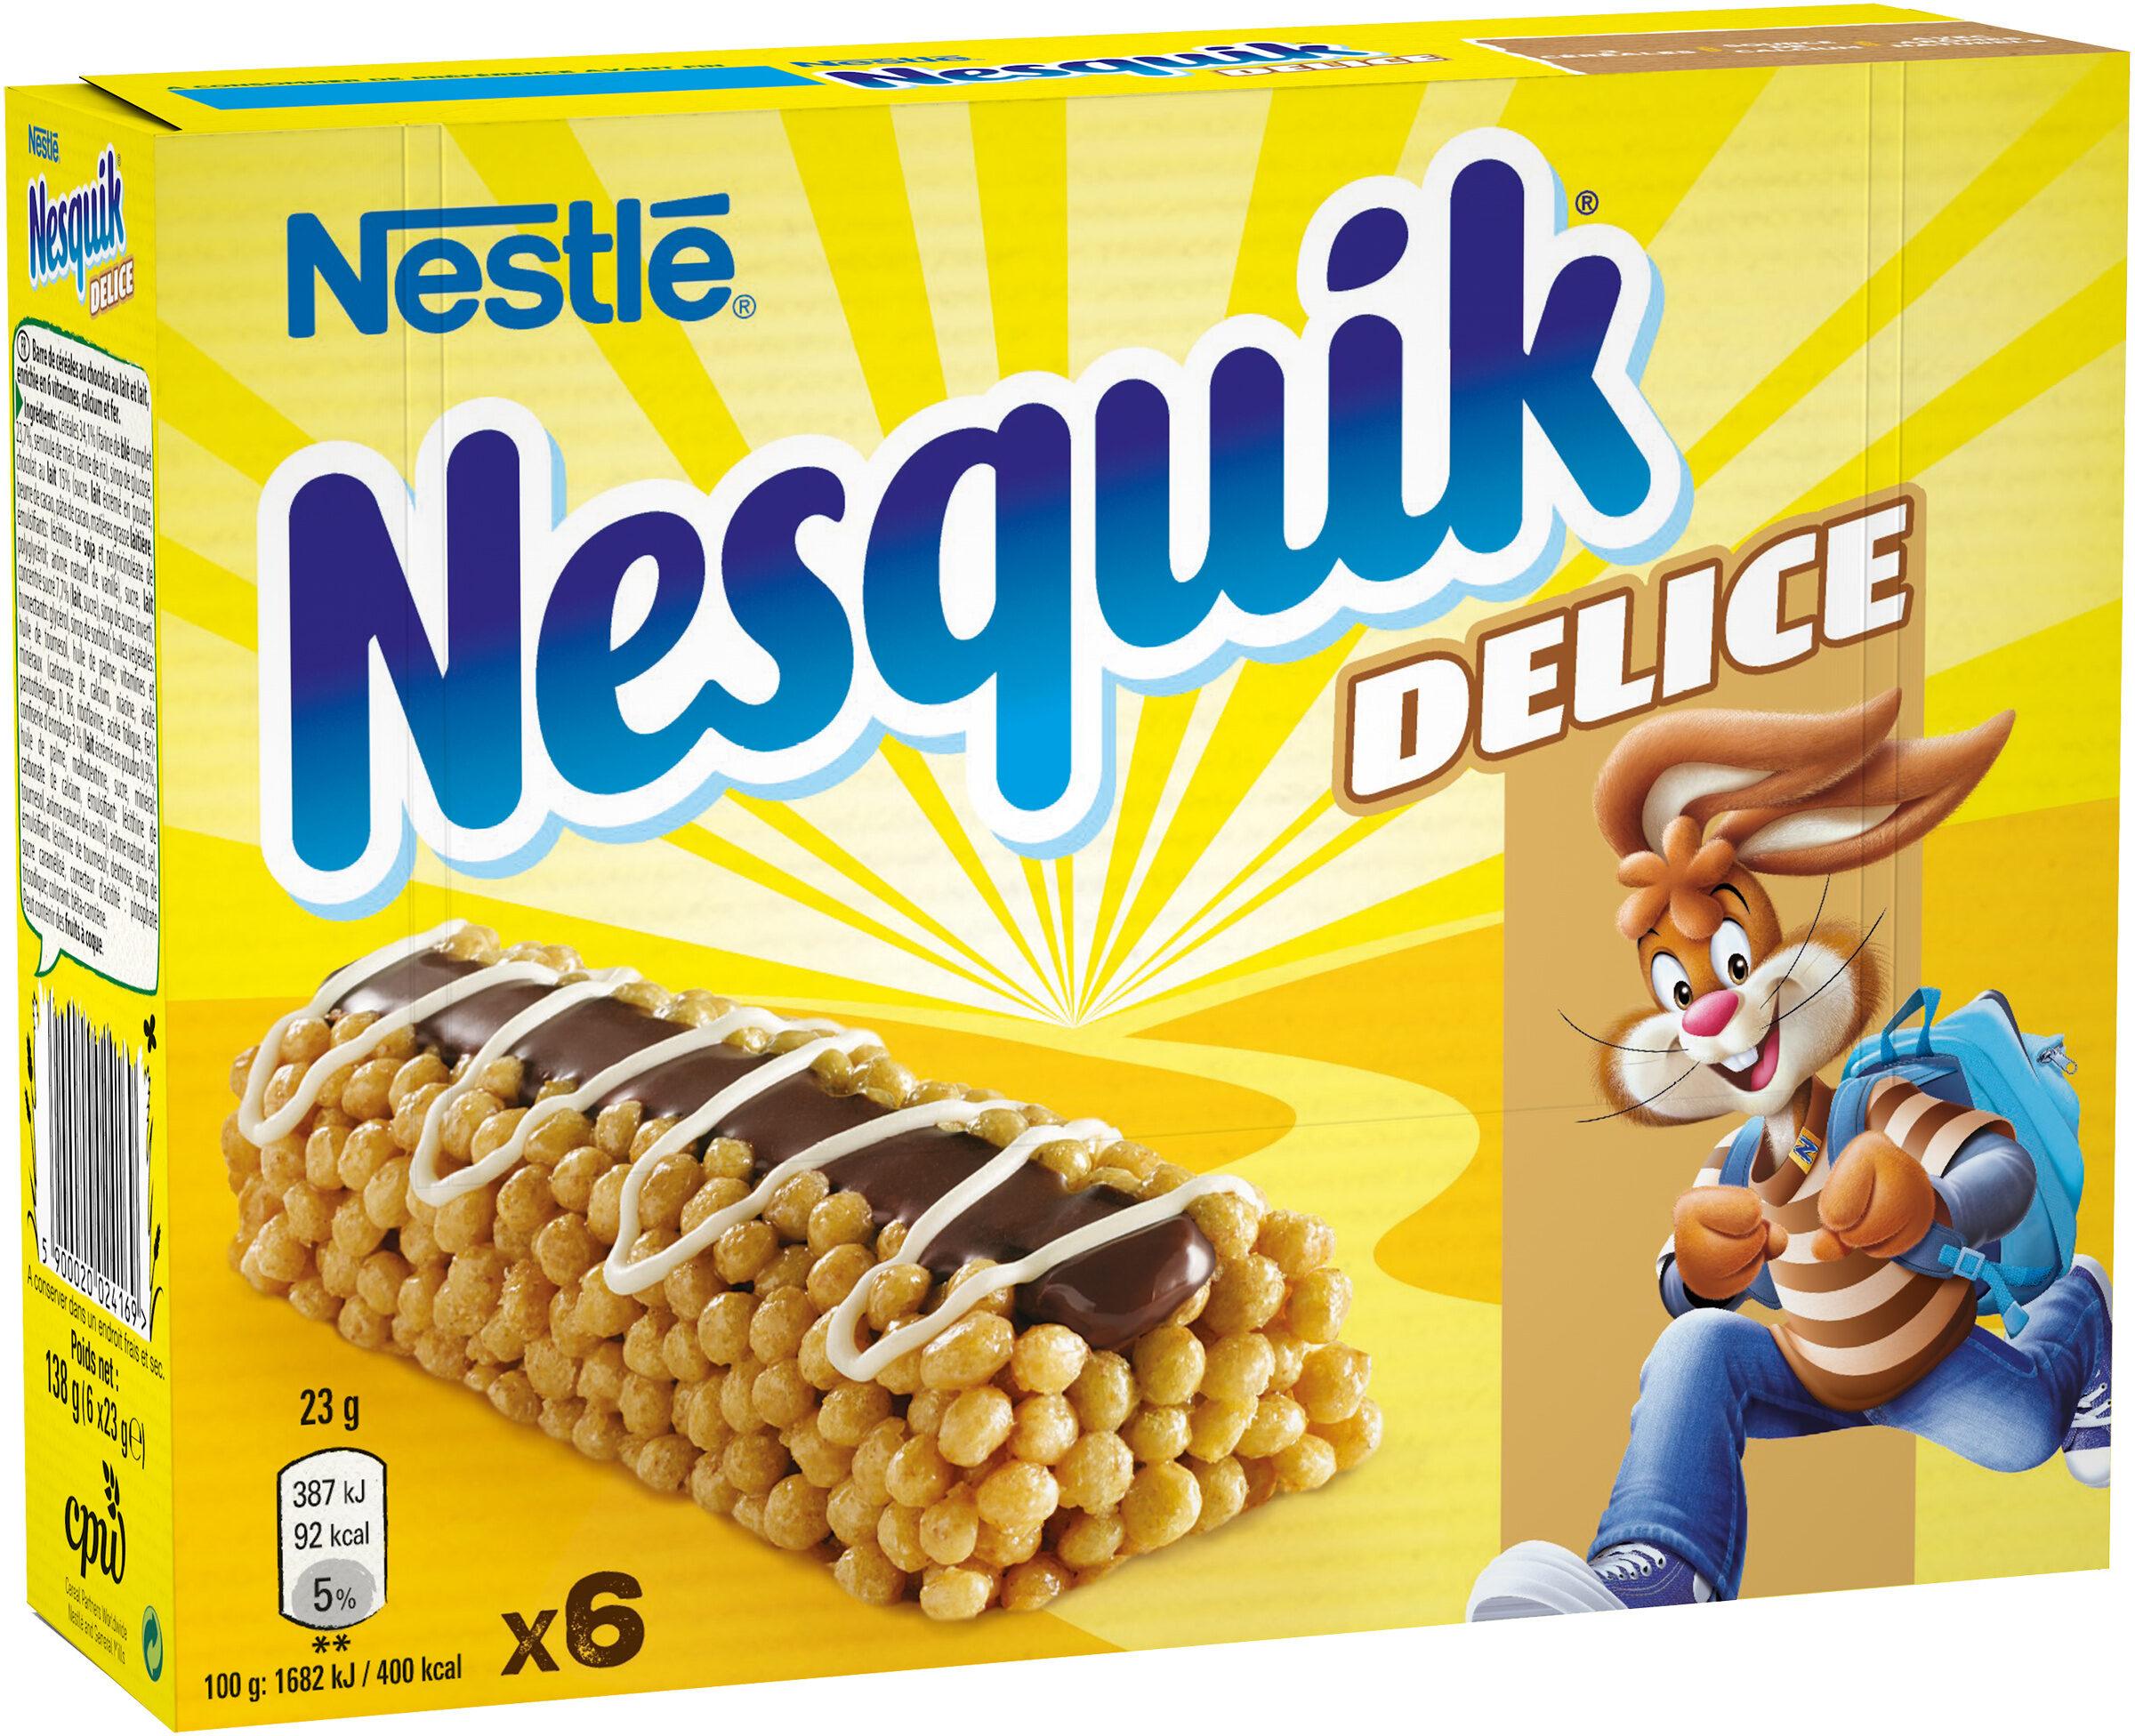 NESQUIK Delice Barres de Céréales - Product - fr